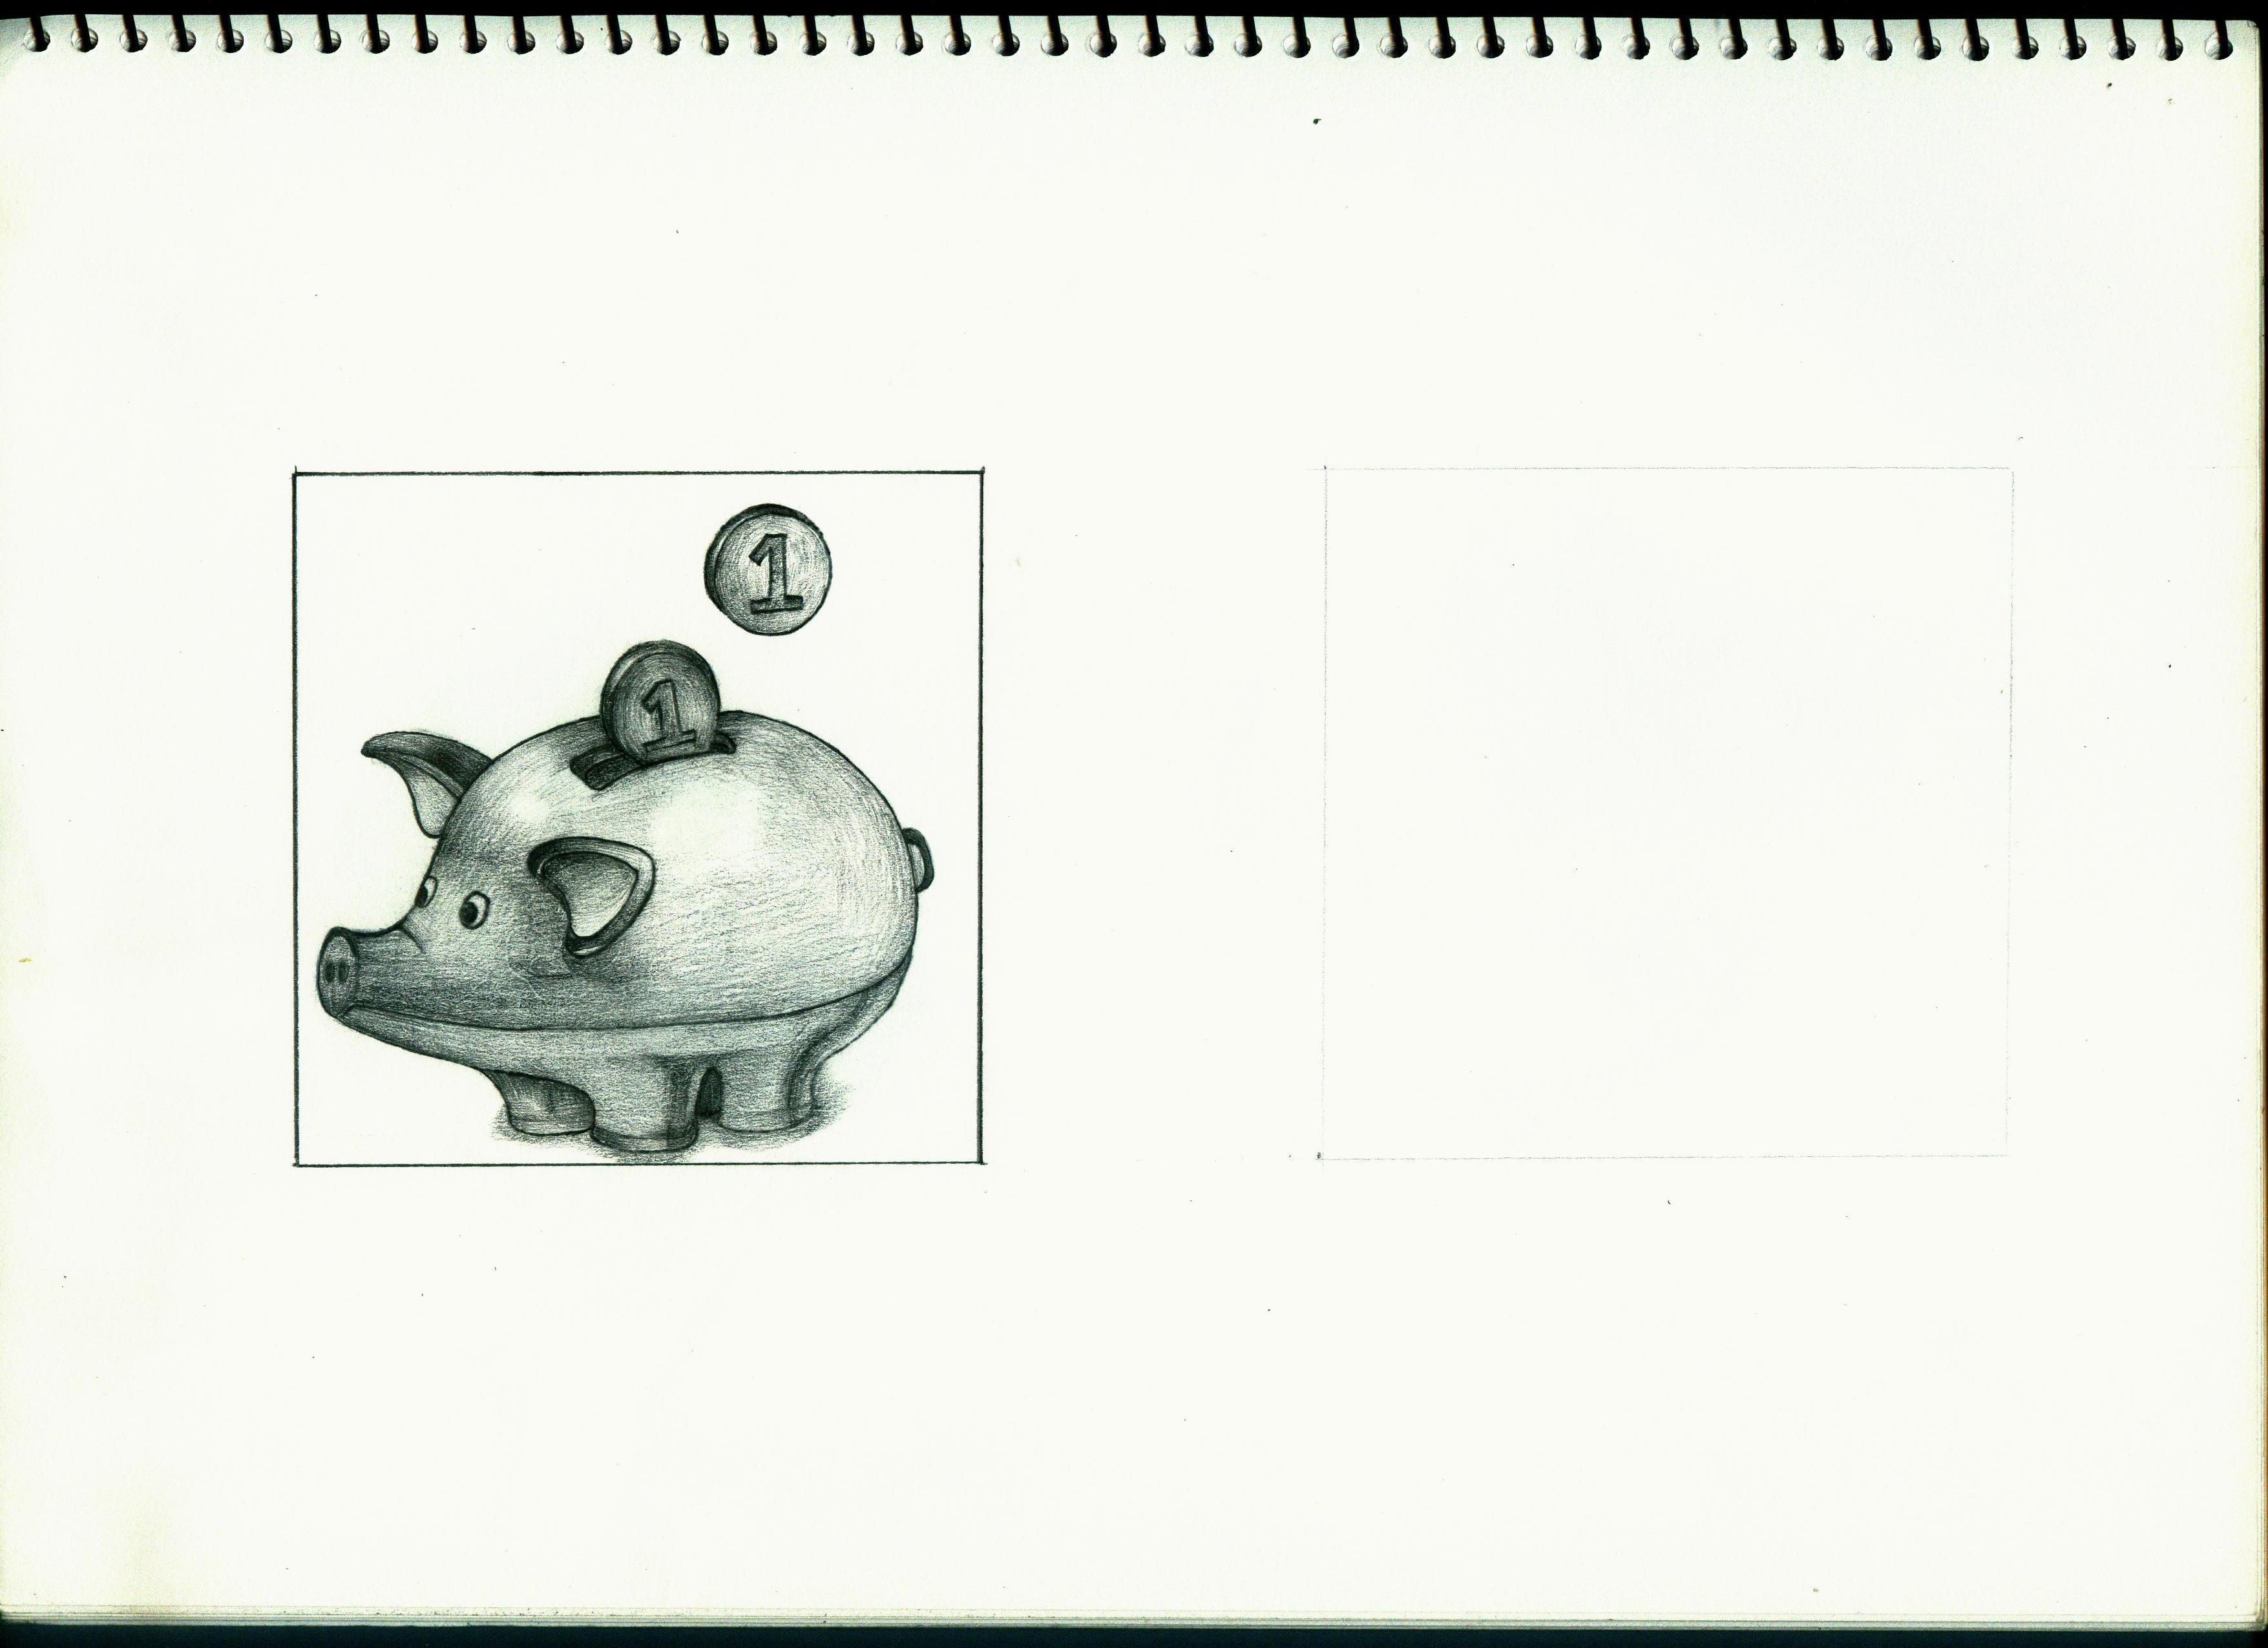 在手绘图标之前,我查找了许多关于童年的资料,将素材中的灵感元素进行